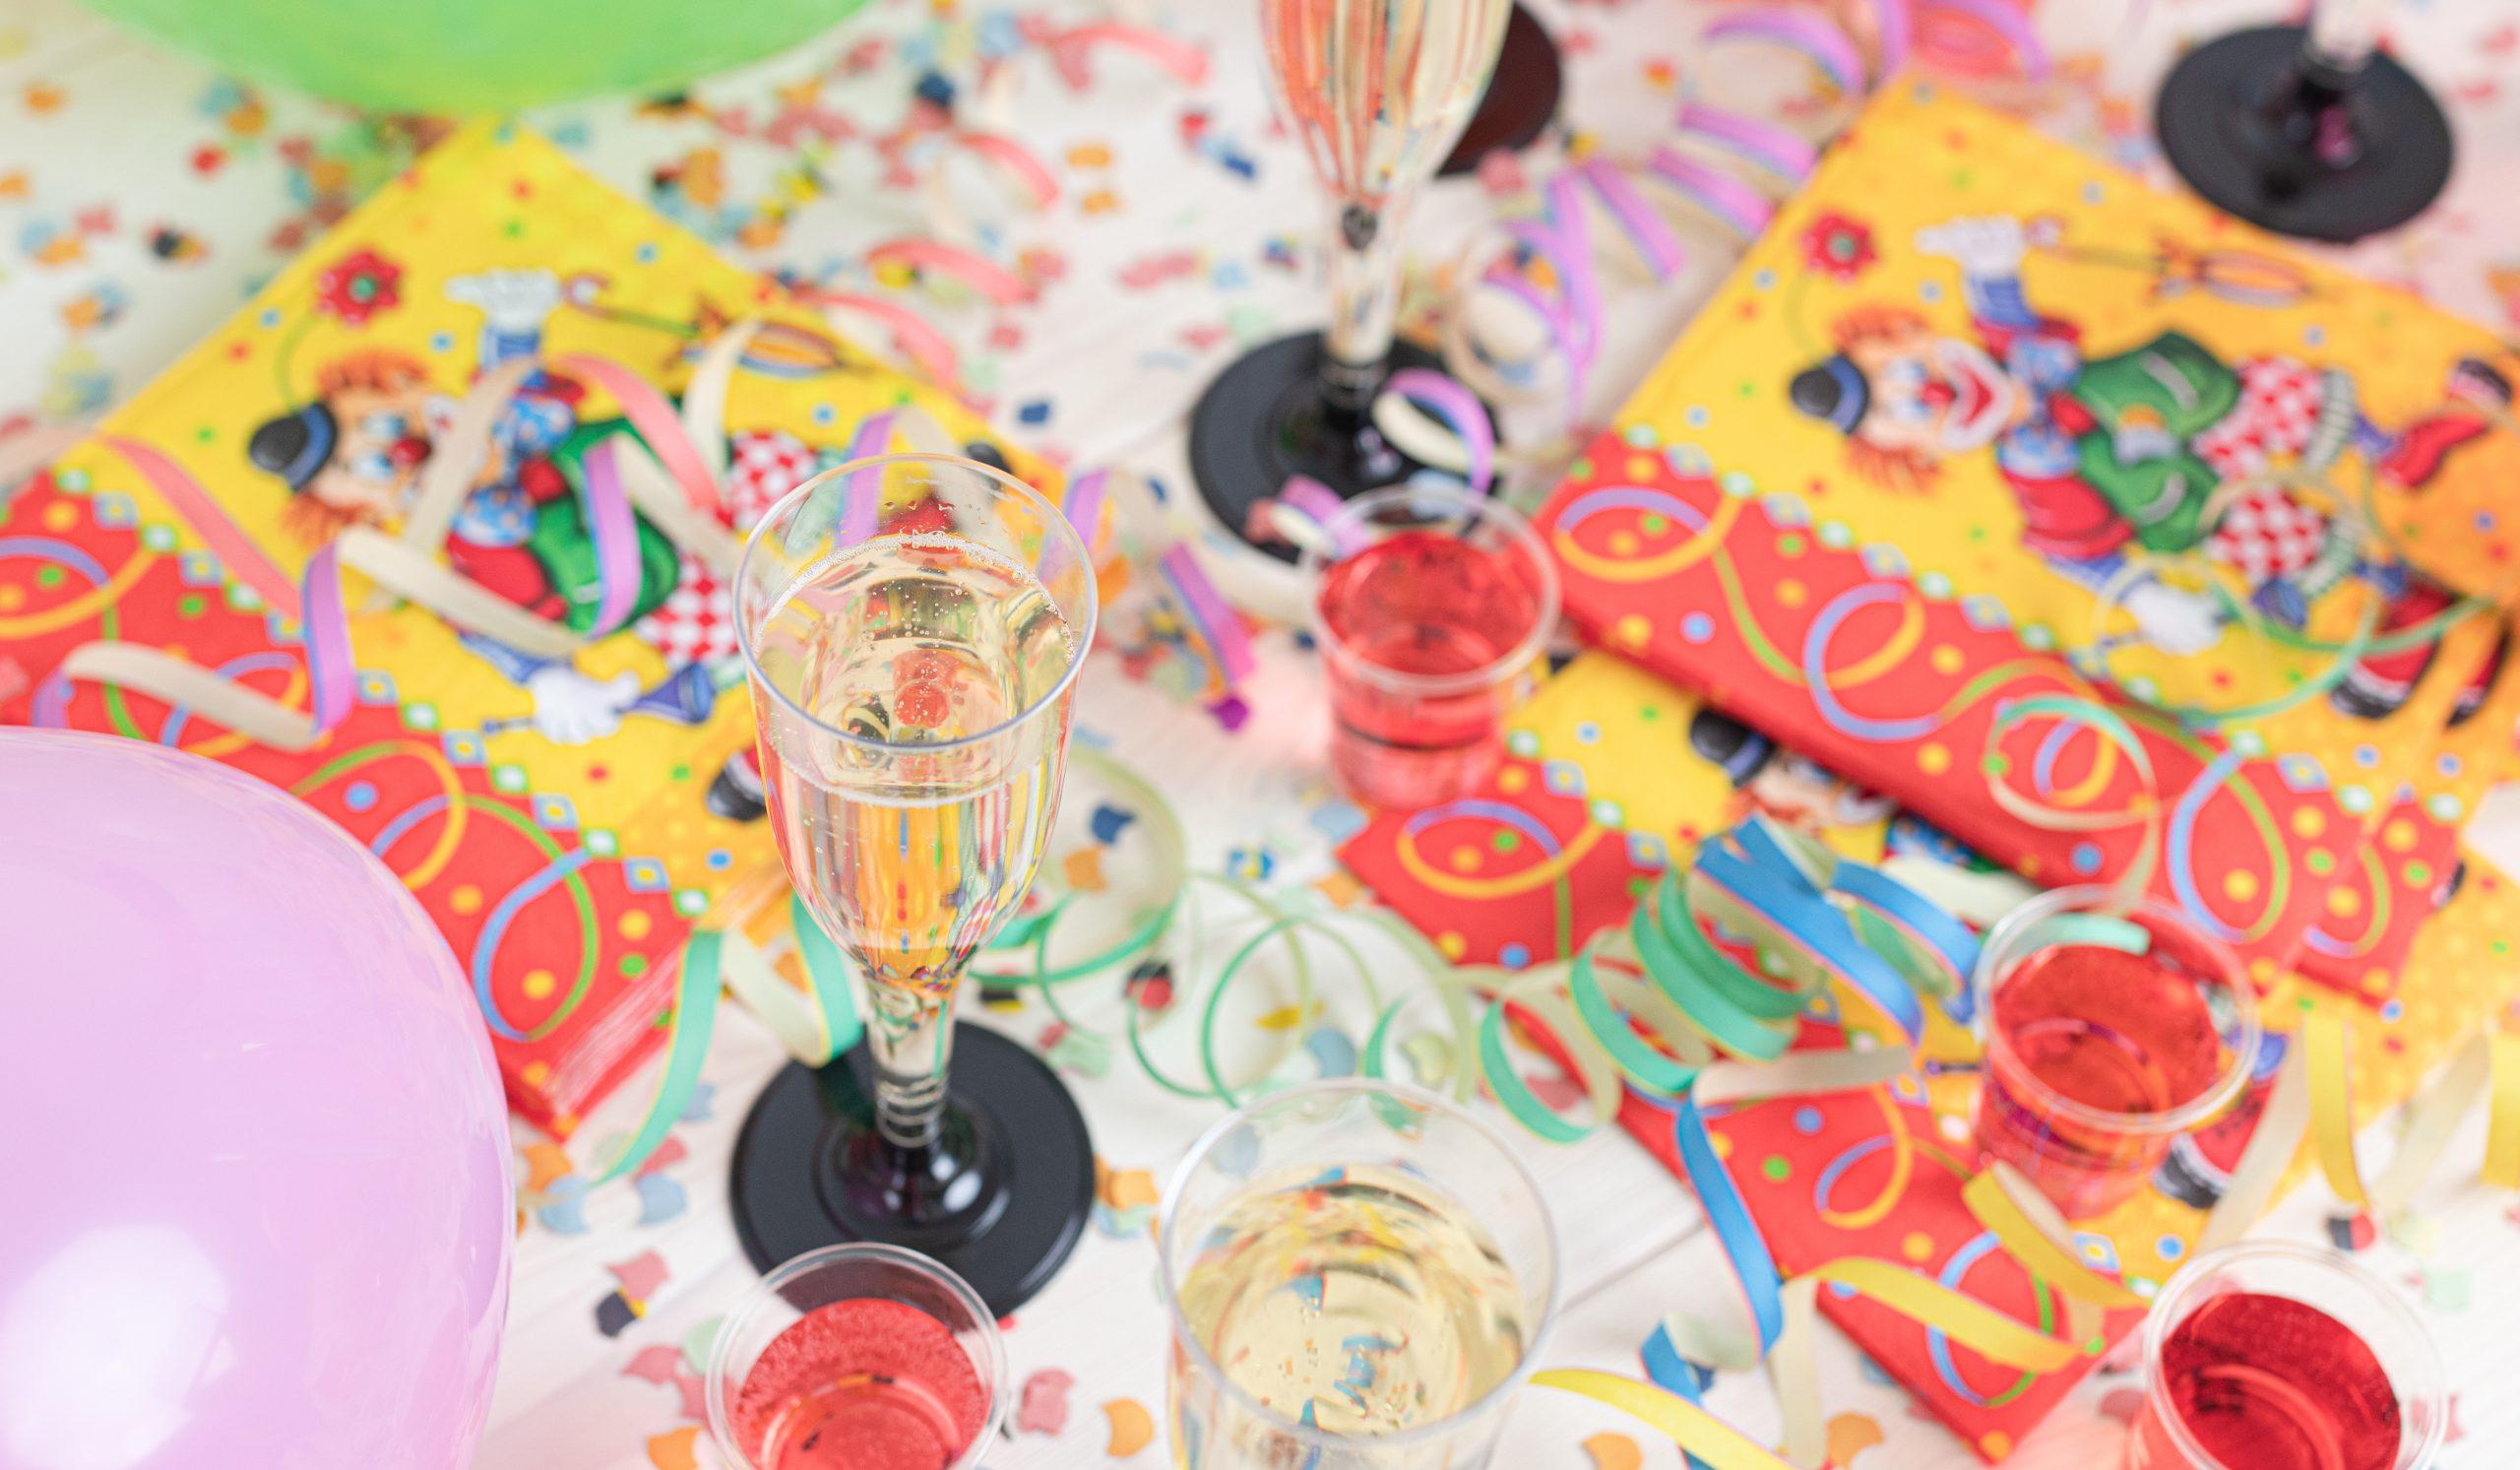 carnaval-versiering-speciale-evenementen-conpax